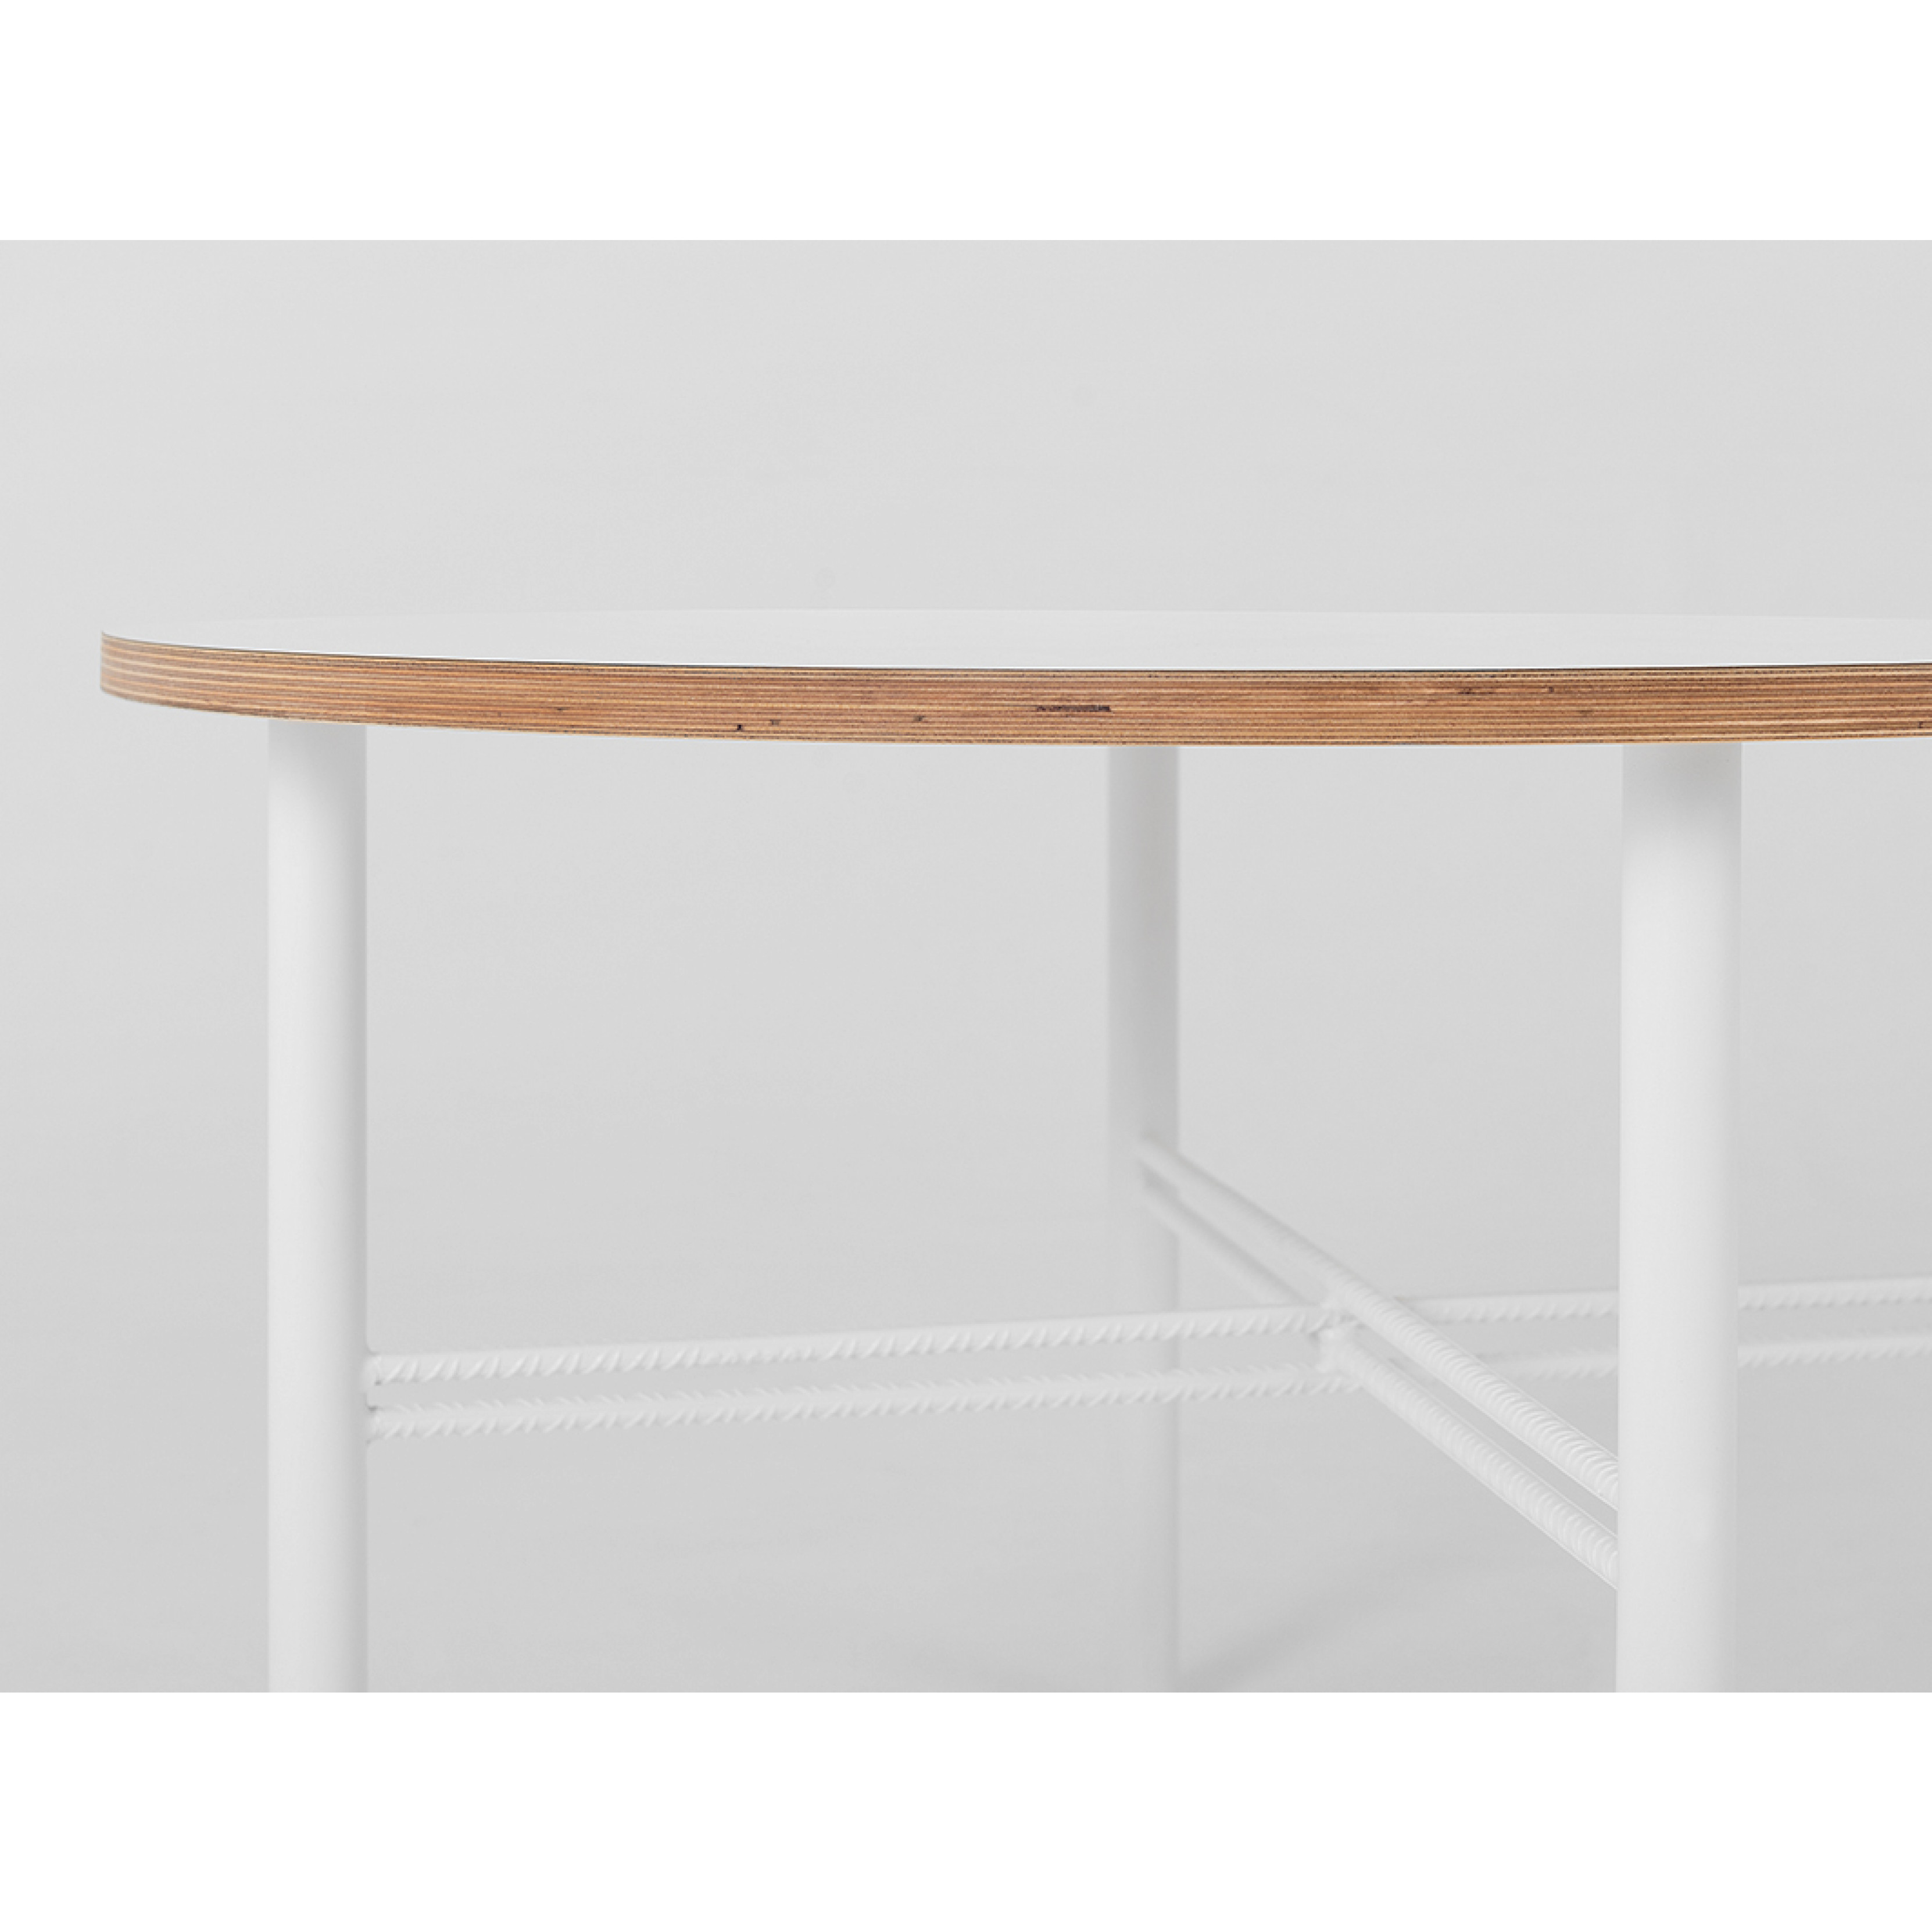 Coffee Table Pento 80 x 80 x H 45 cm   White